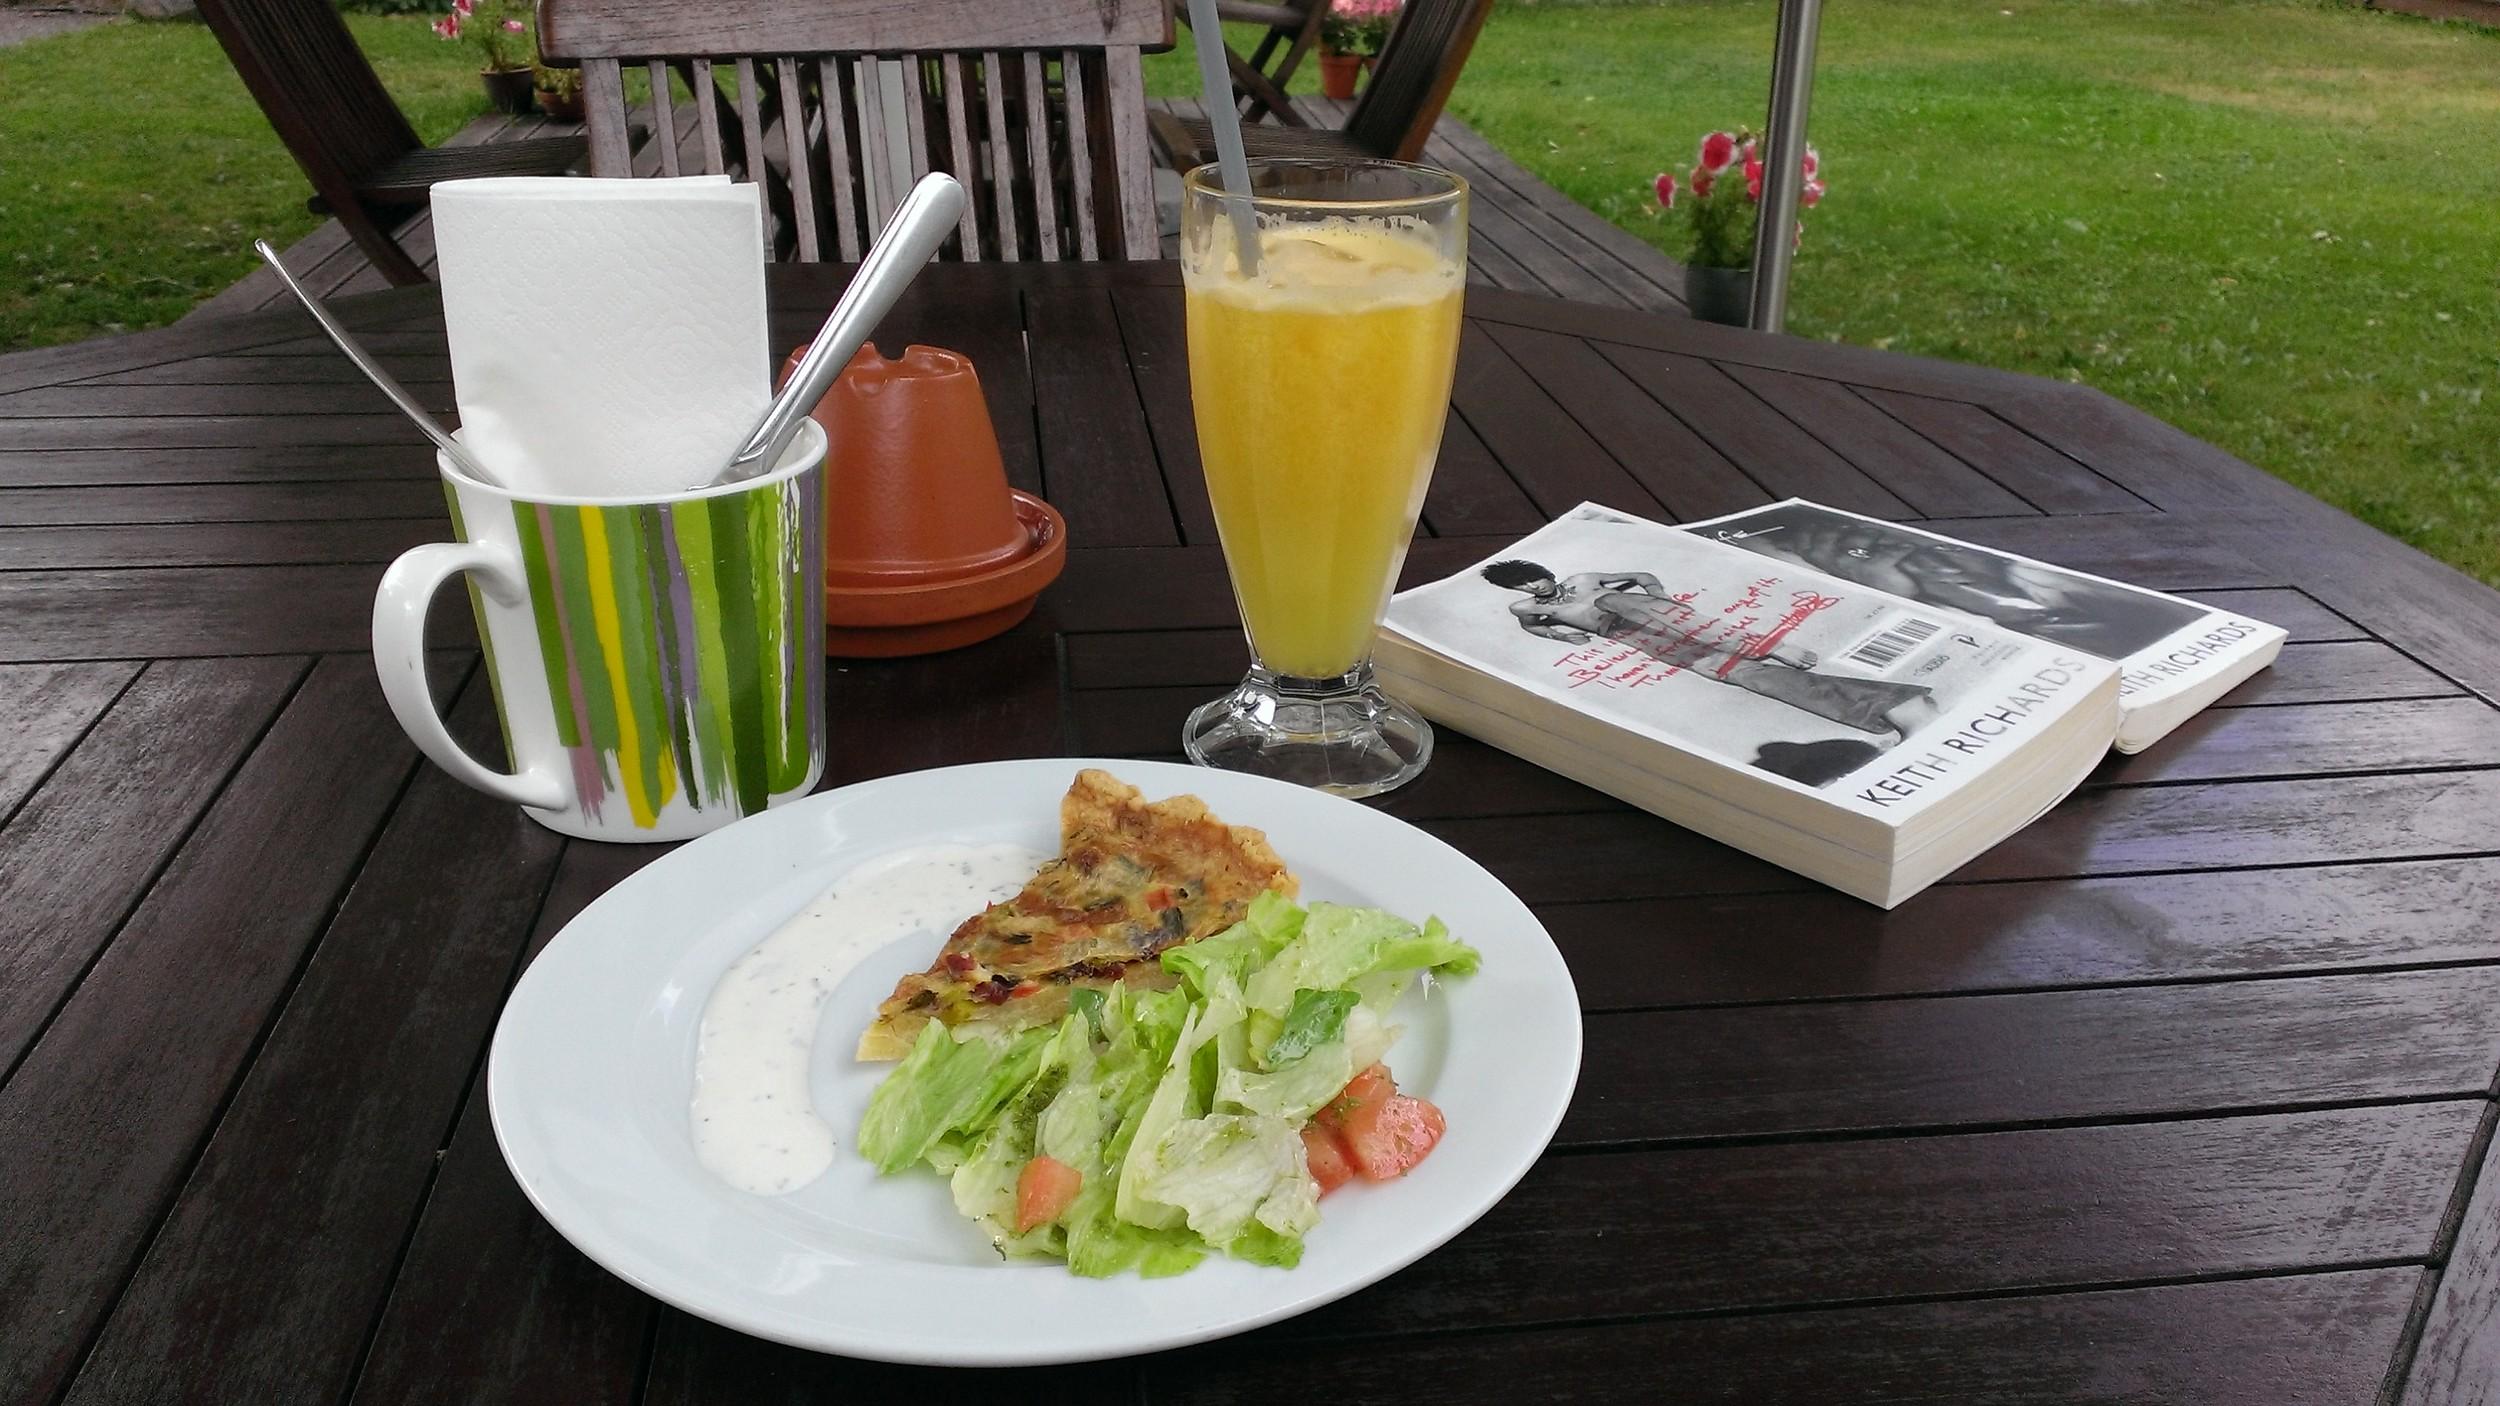 Quiche and orange juice